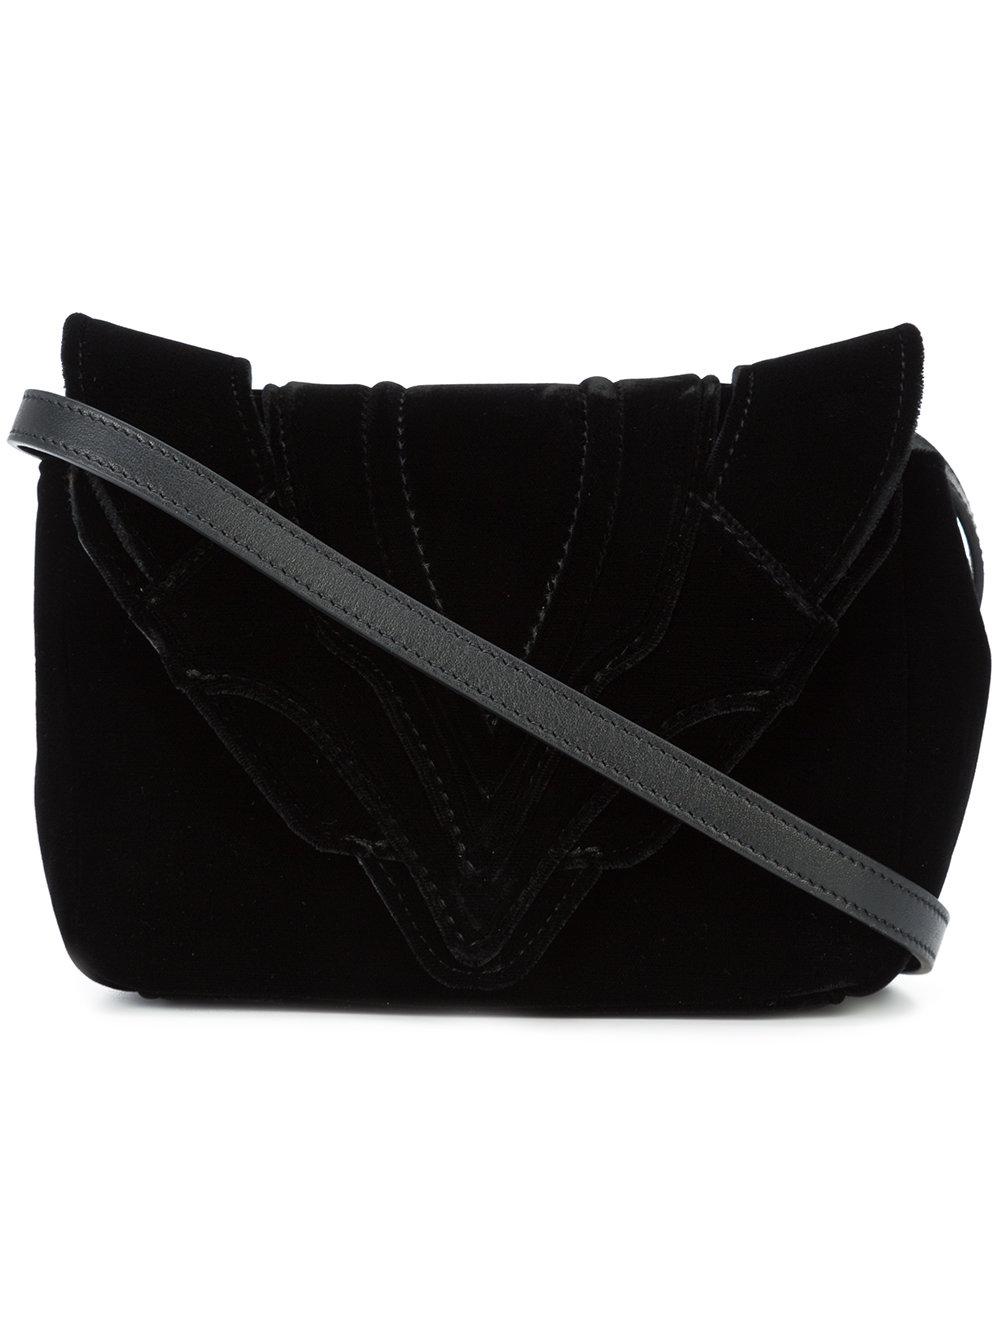 ELENA GHISELLINI bag - $600